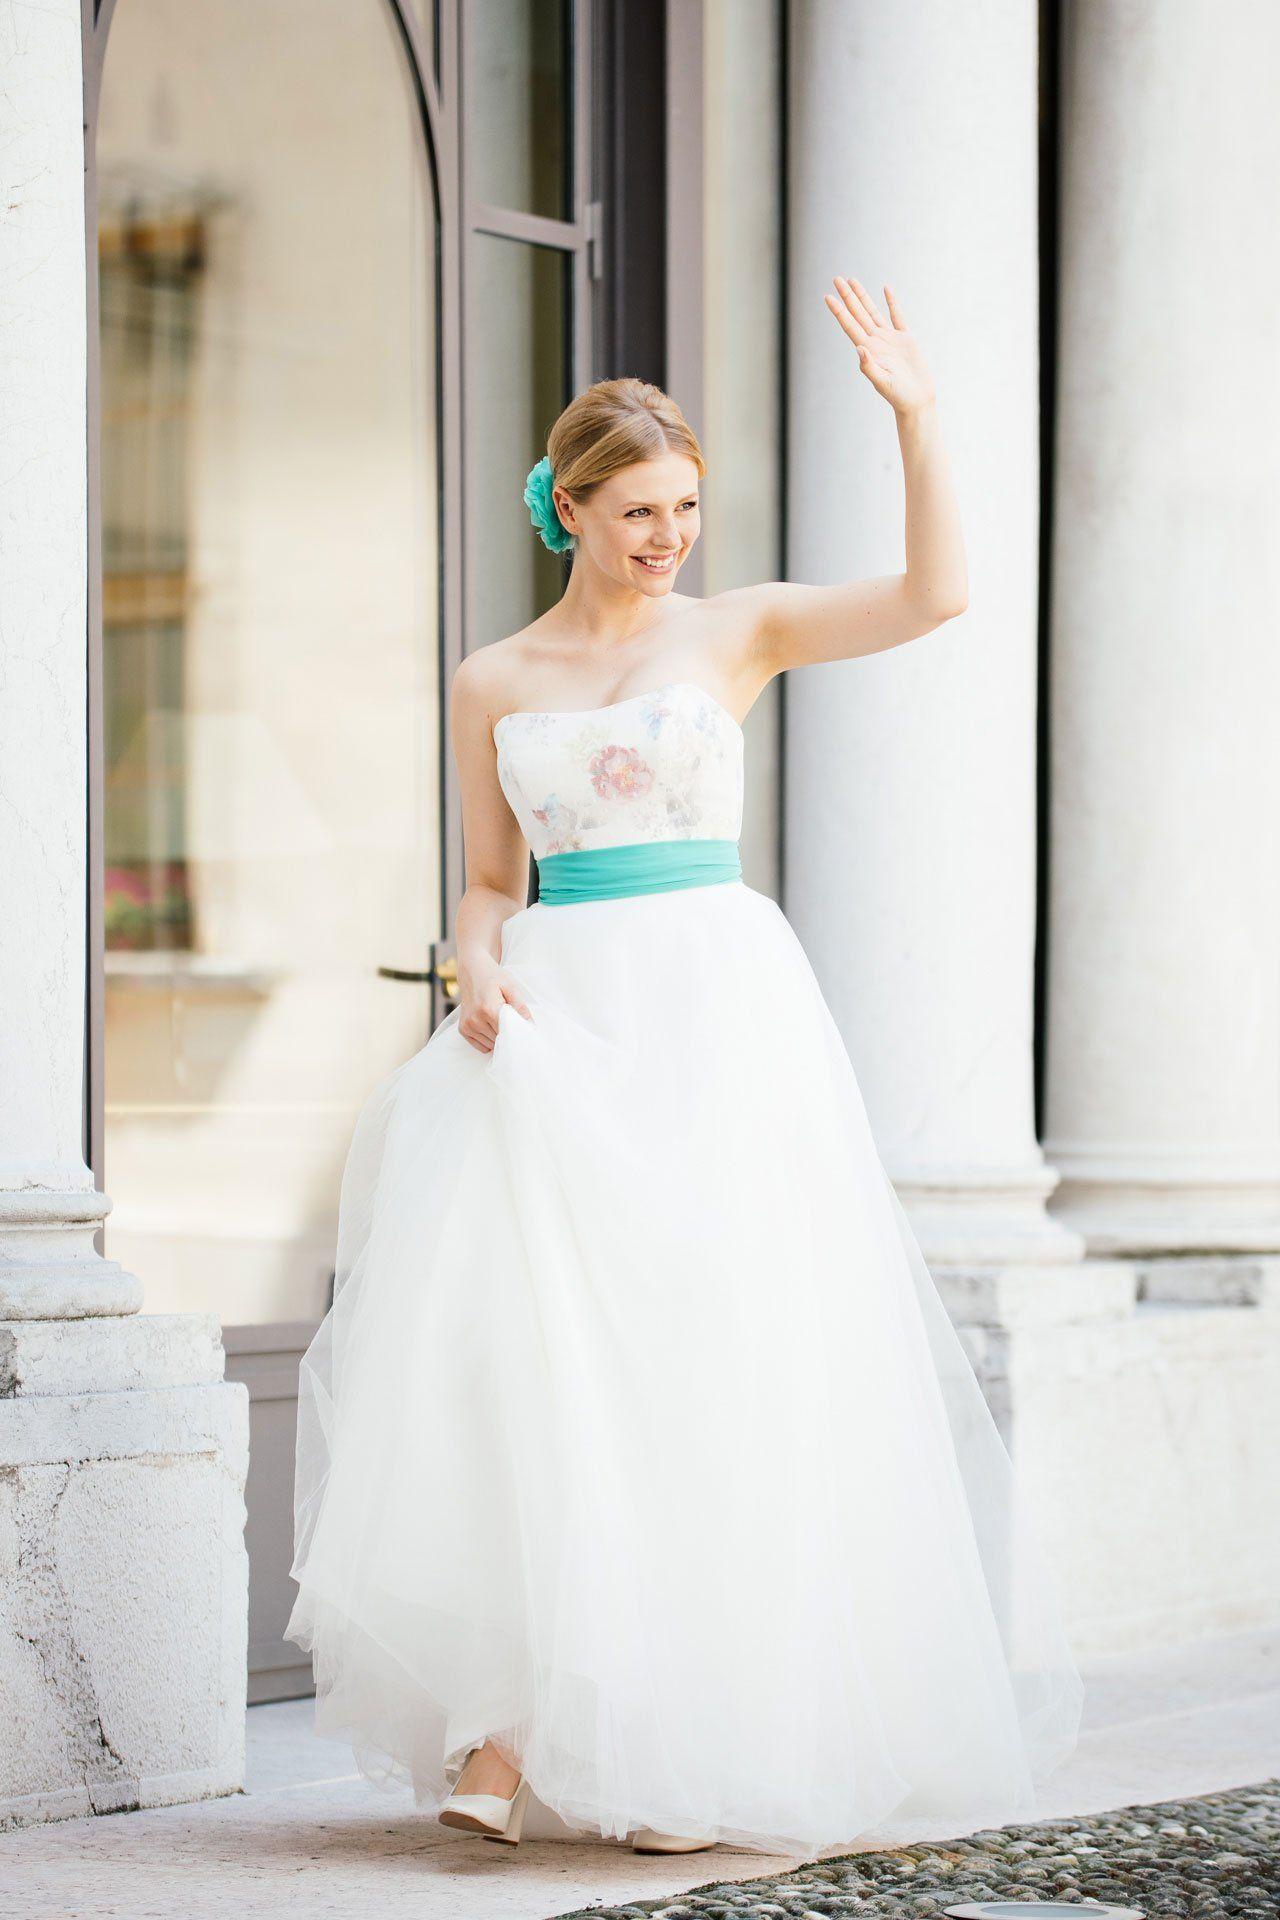 Tüllrock meets freches, kurzes, farbiges Brautkleid. Und das ...